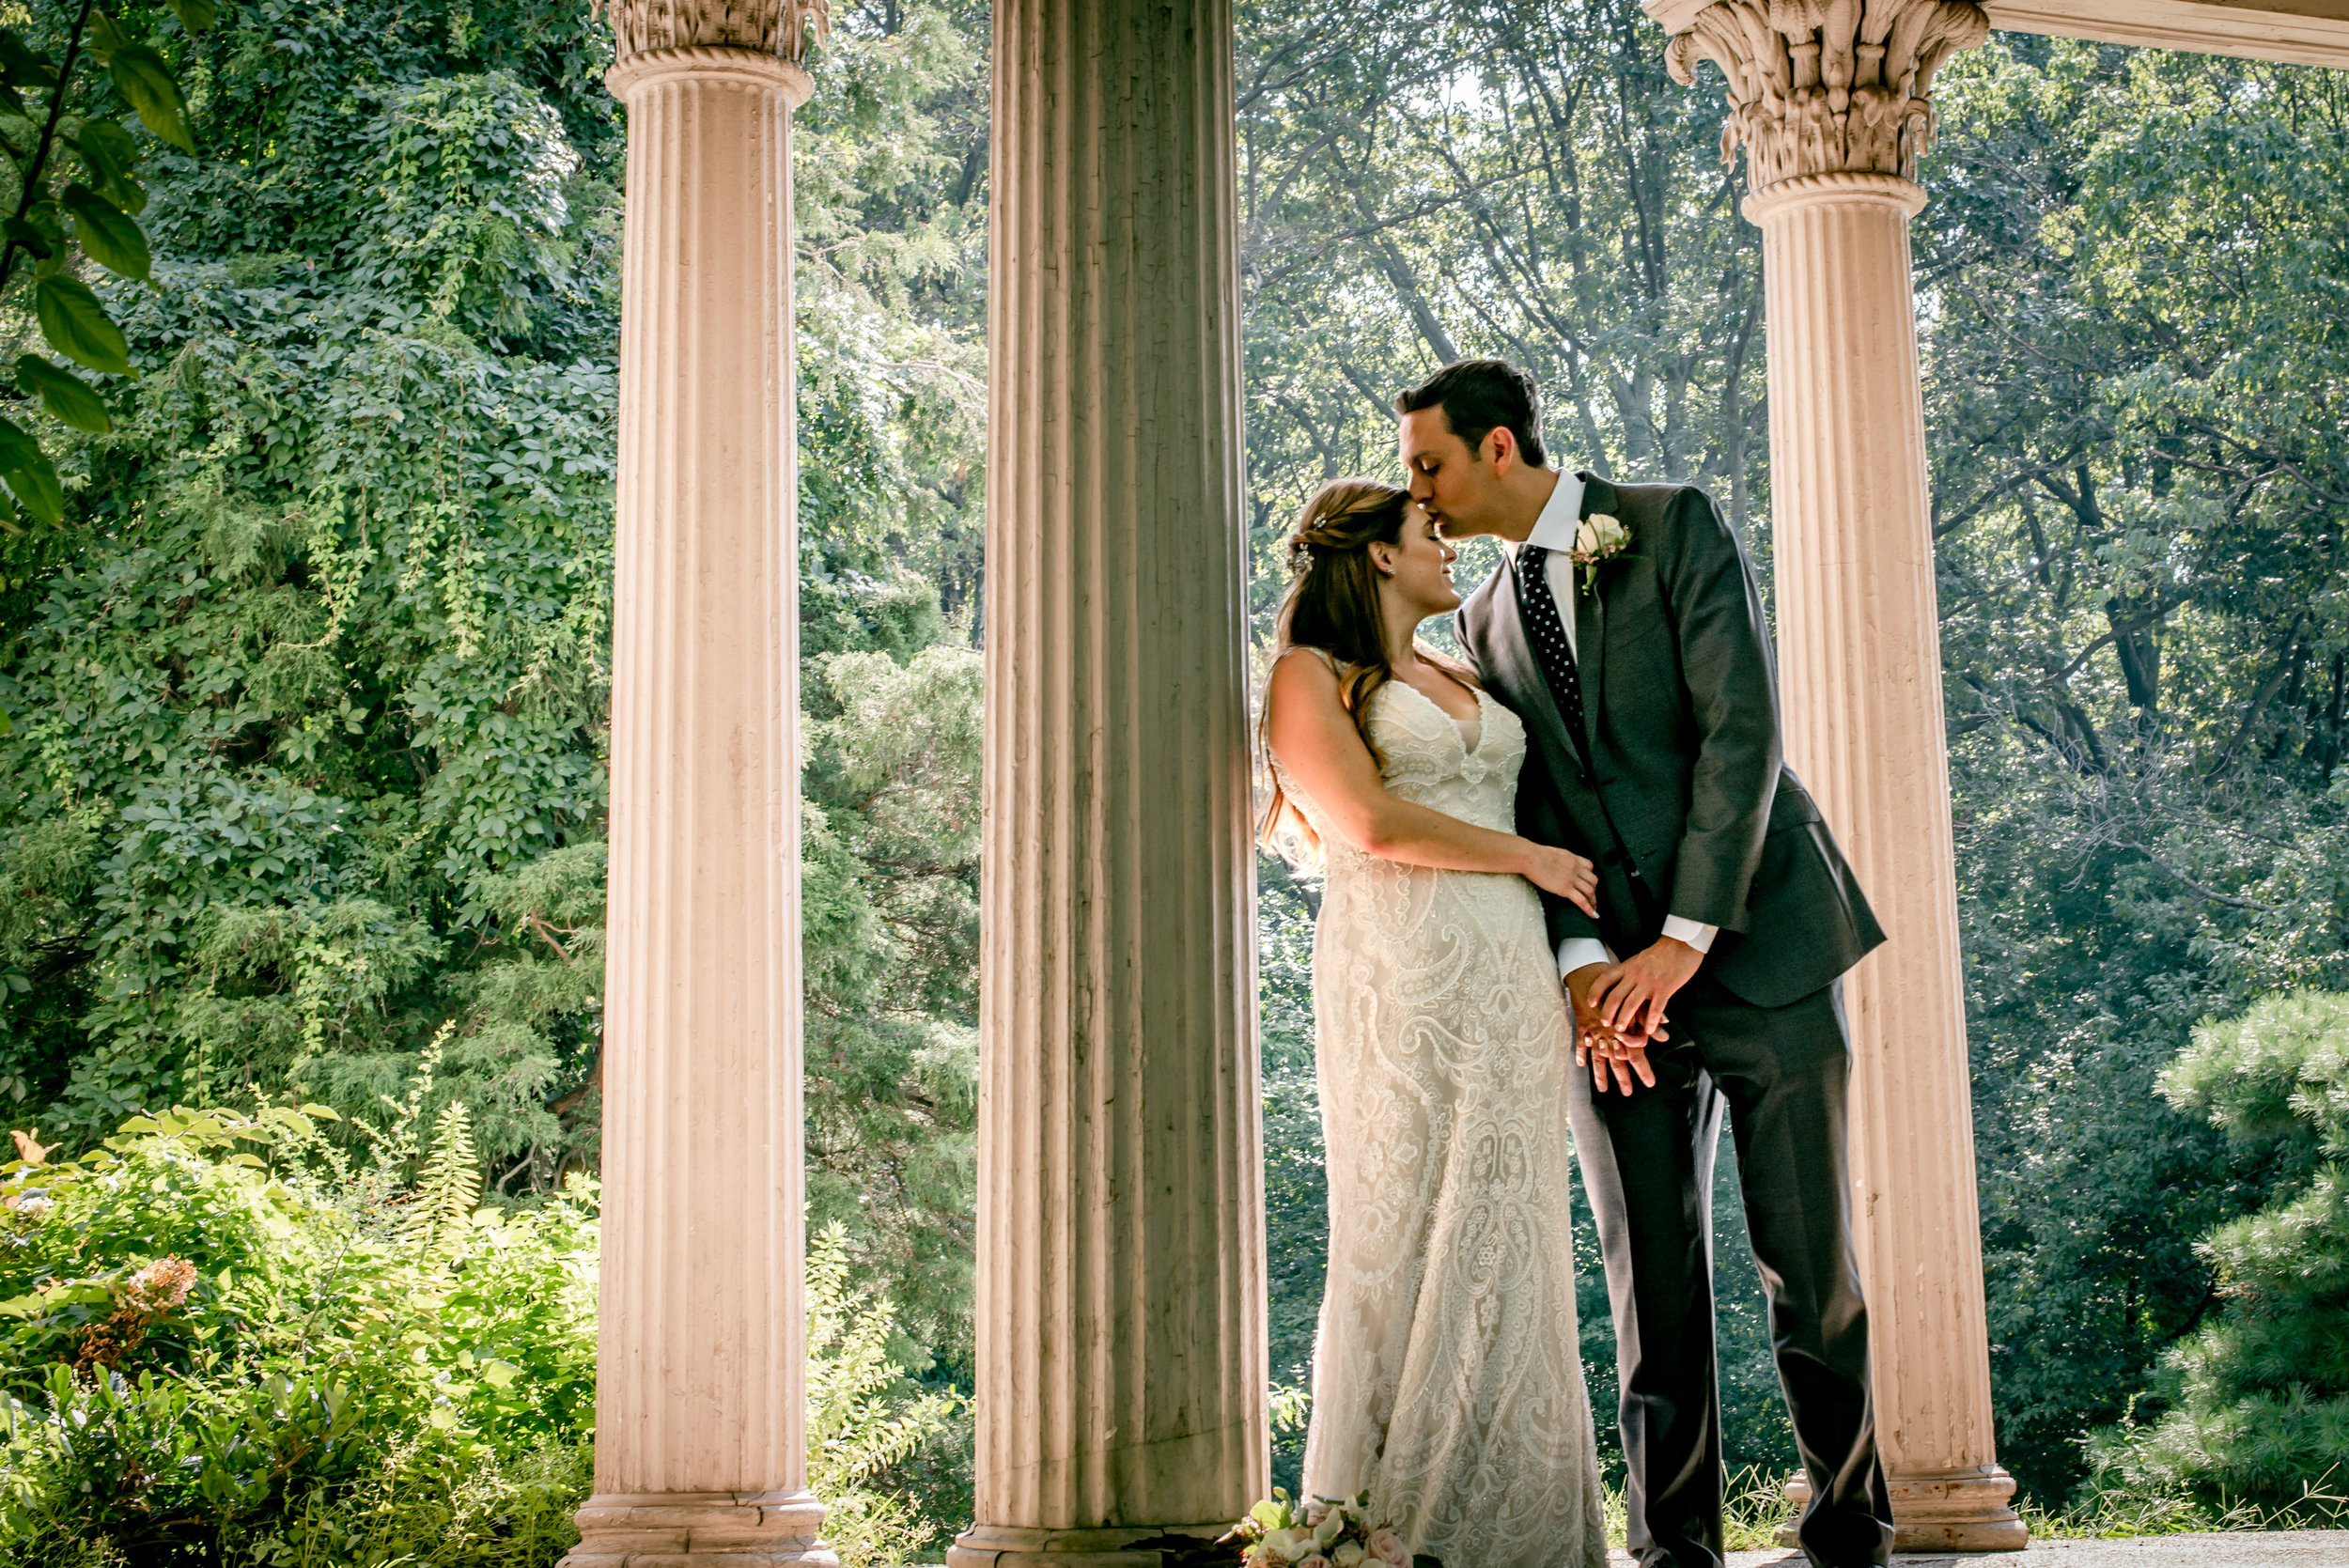 2018-19 weddings - Packages begin at $2000